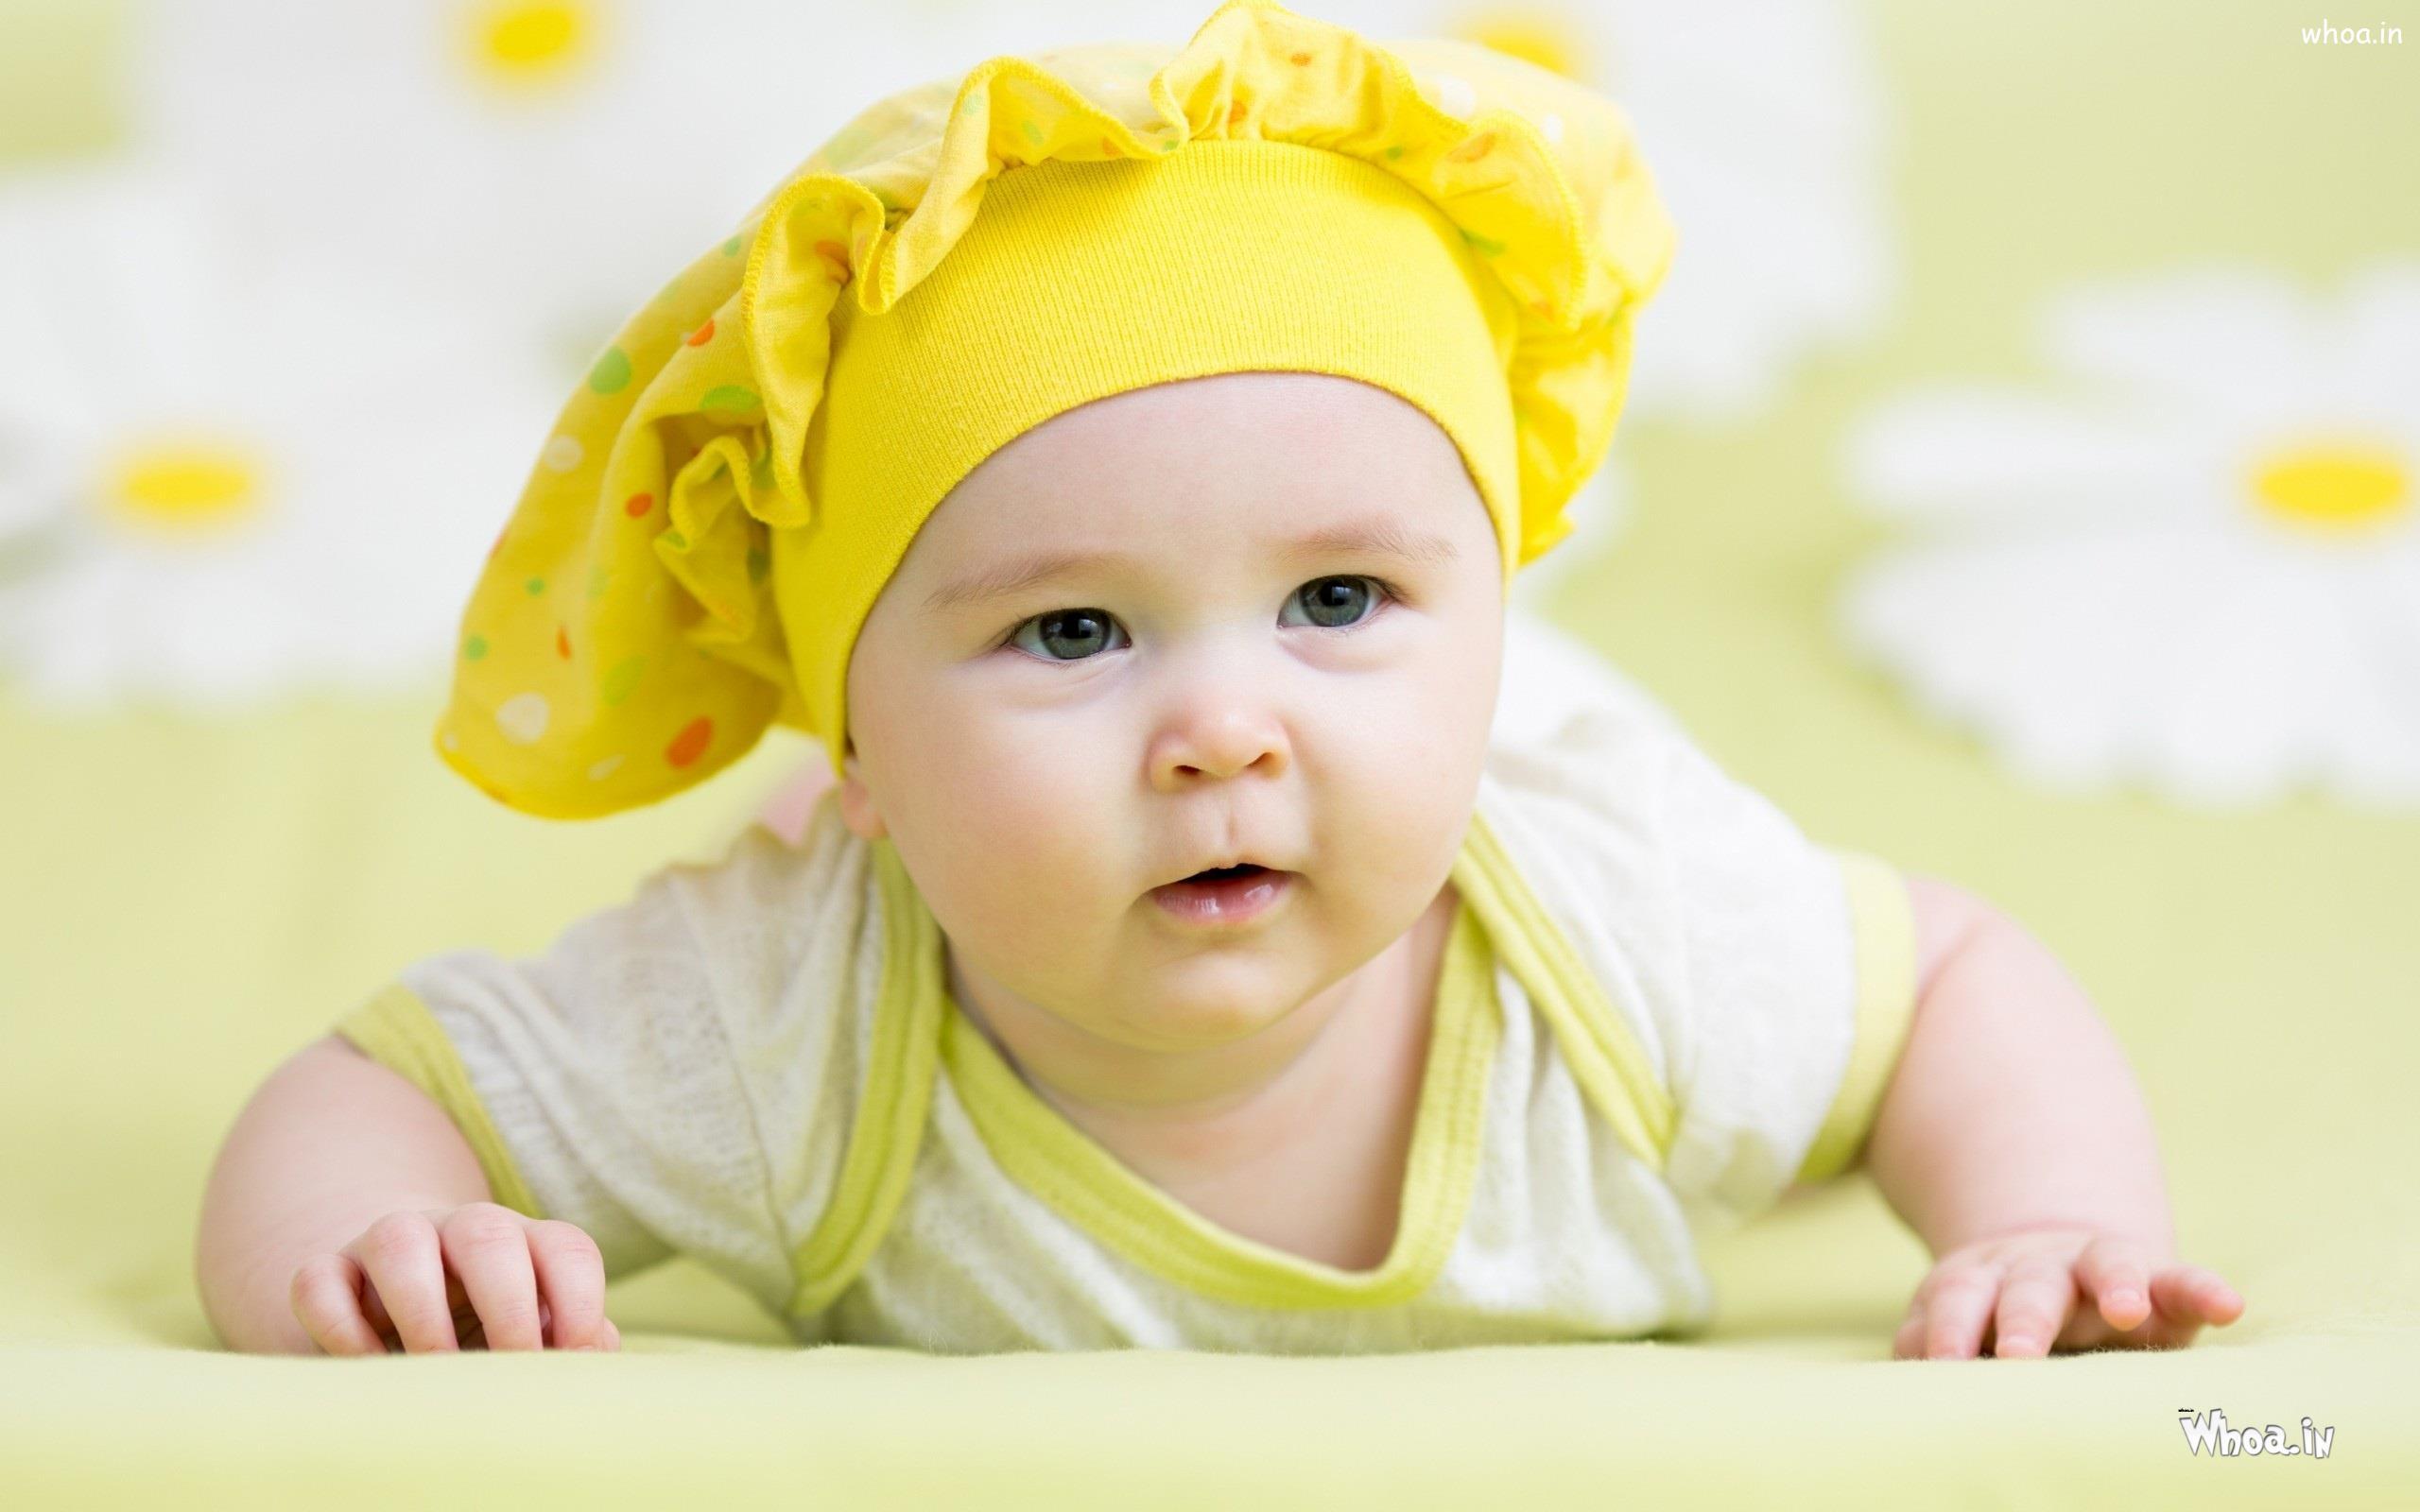 Yellow Newborn Baby Knitted Hat Hd Newborn Baby Wallpaper